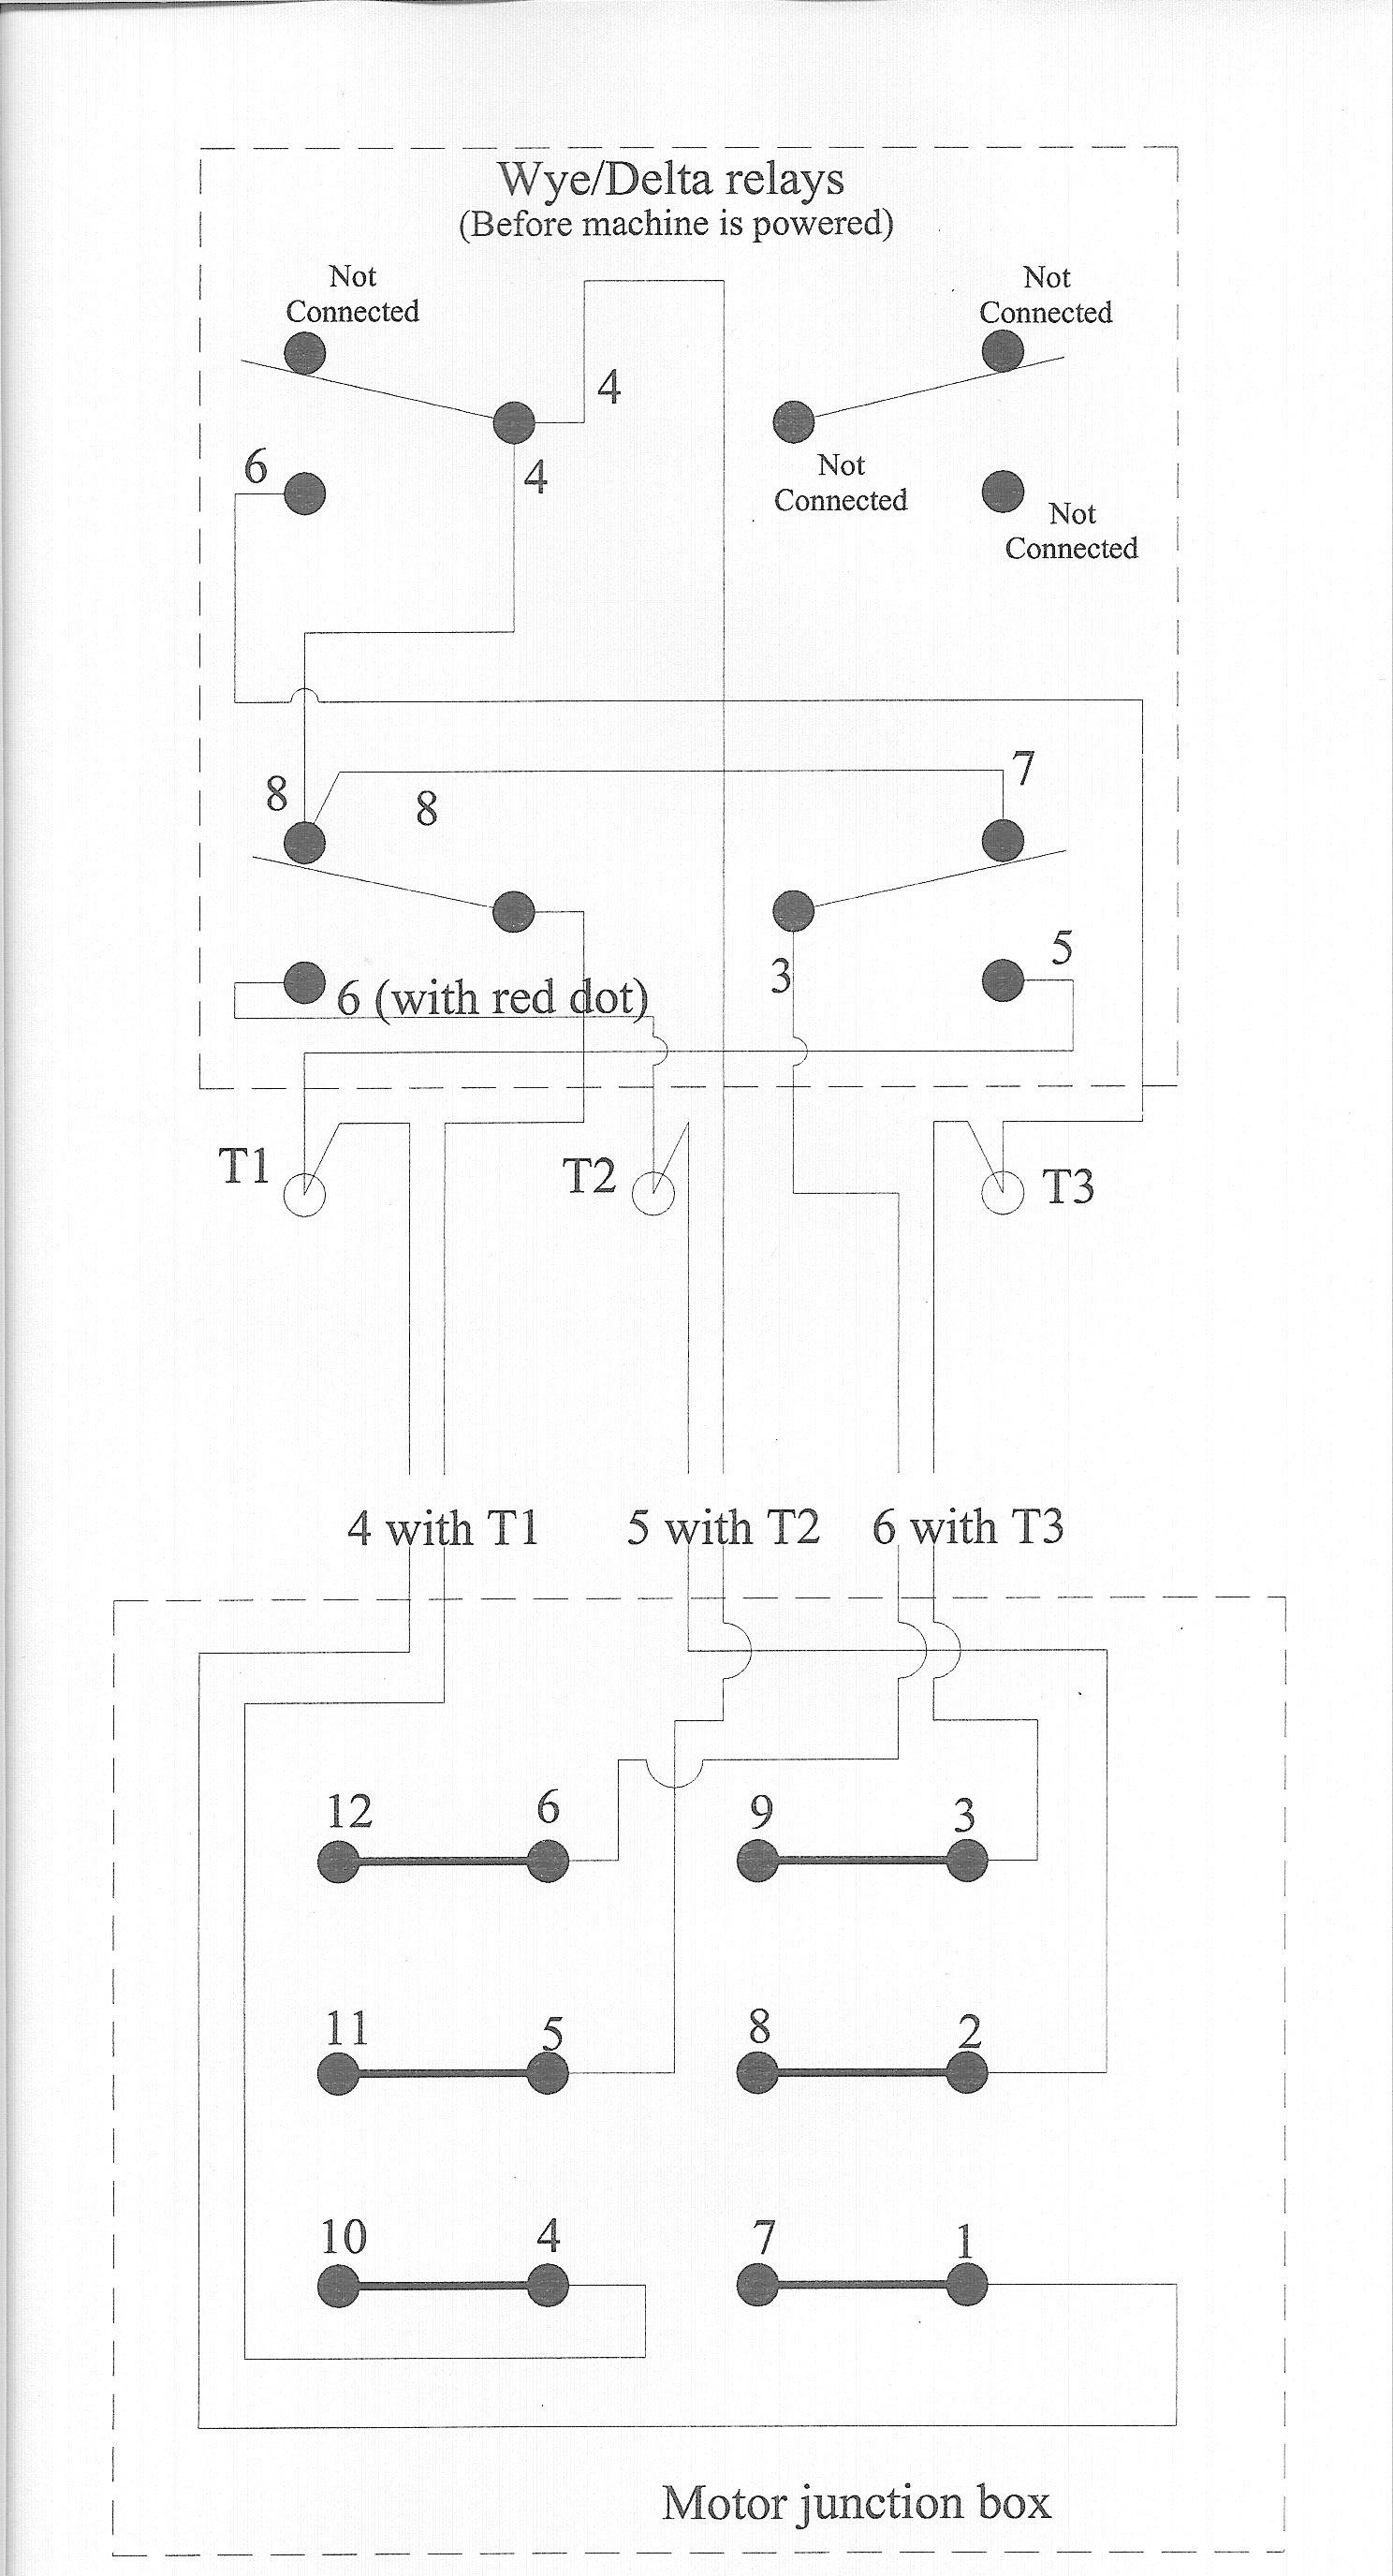 fadal wiring diagrams fadal motor problem wye delta relay wiring